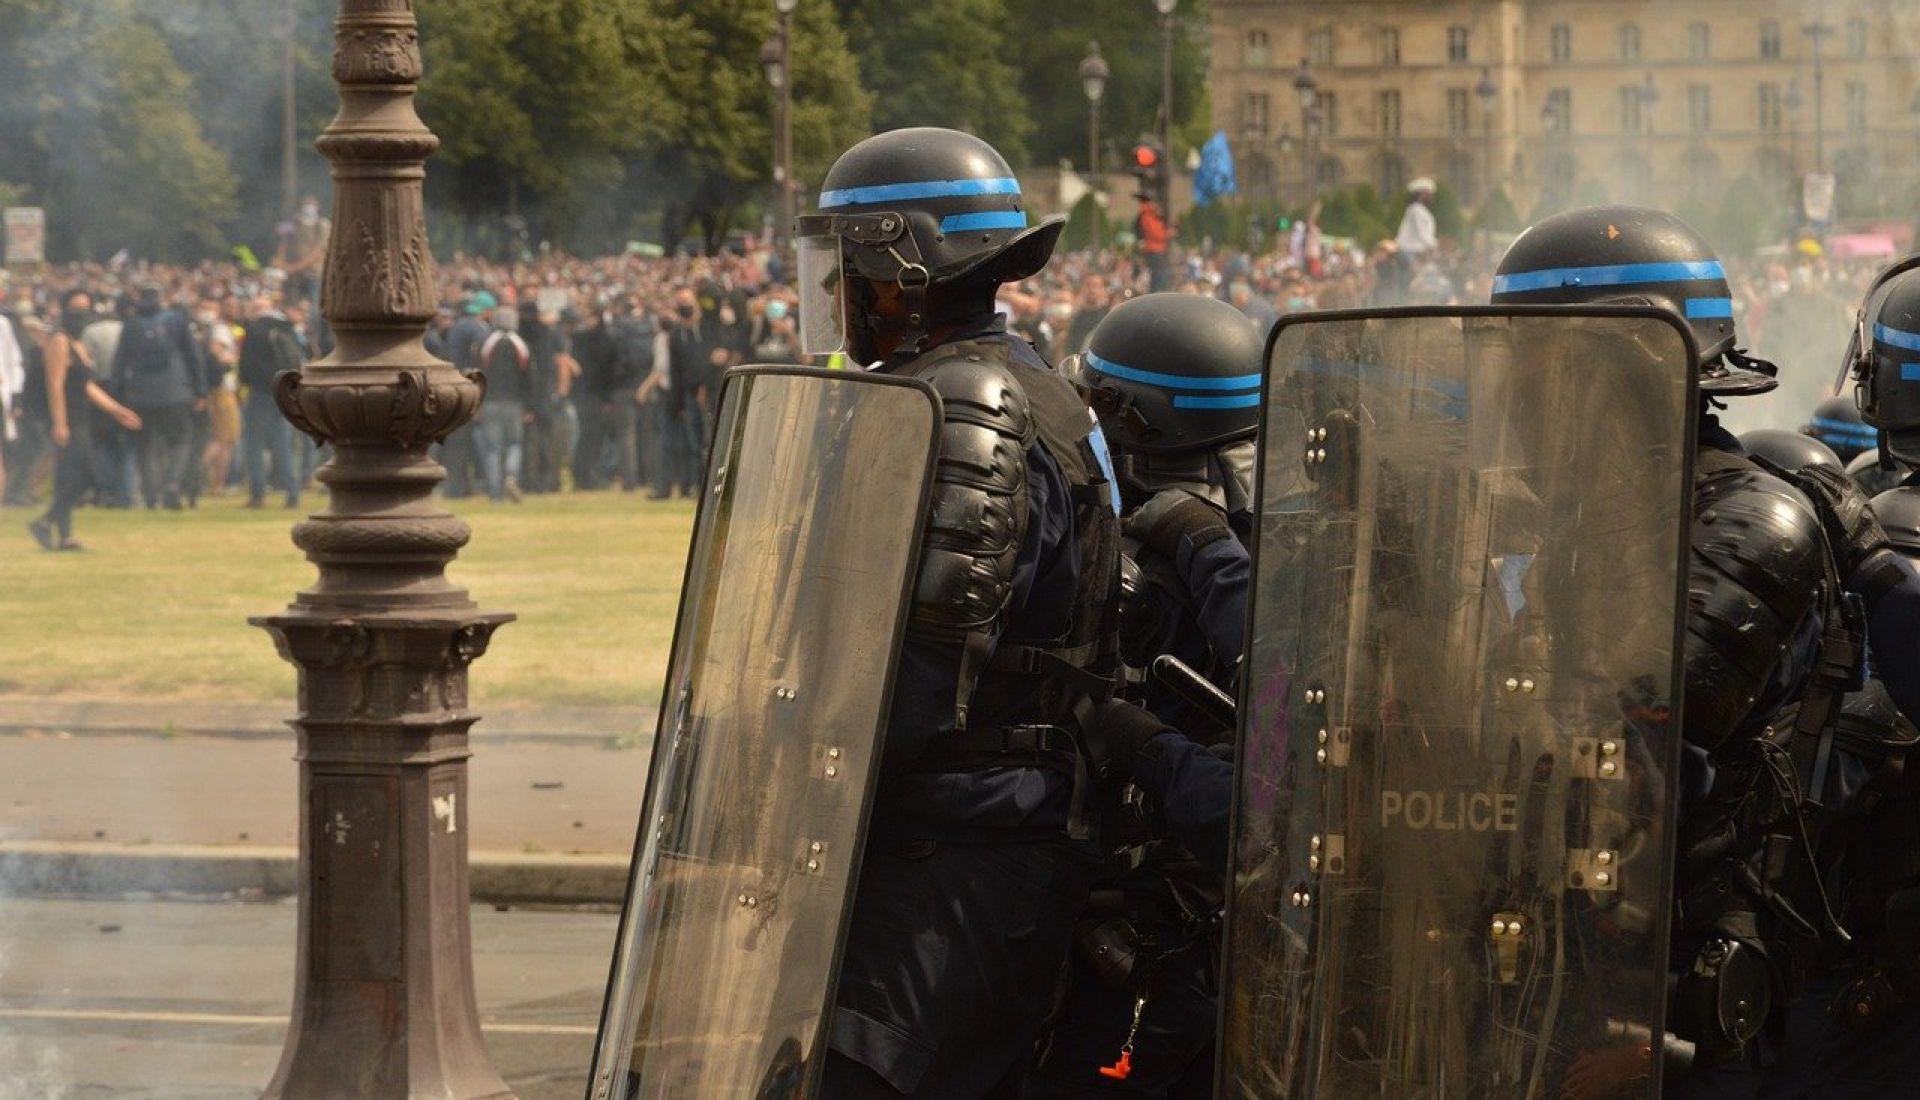 Police et démocratie : où en est la France ?